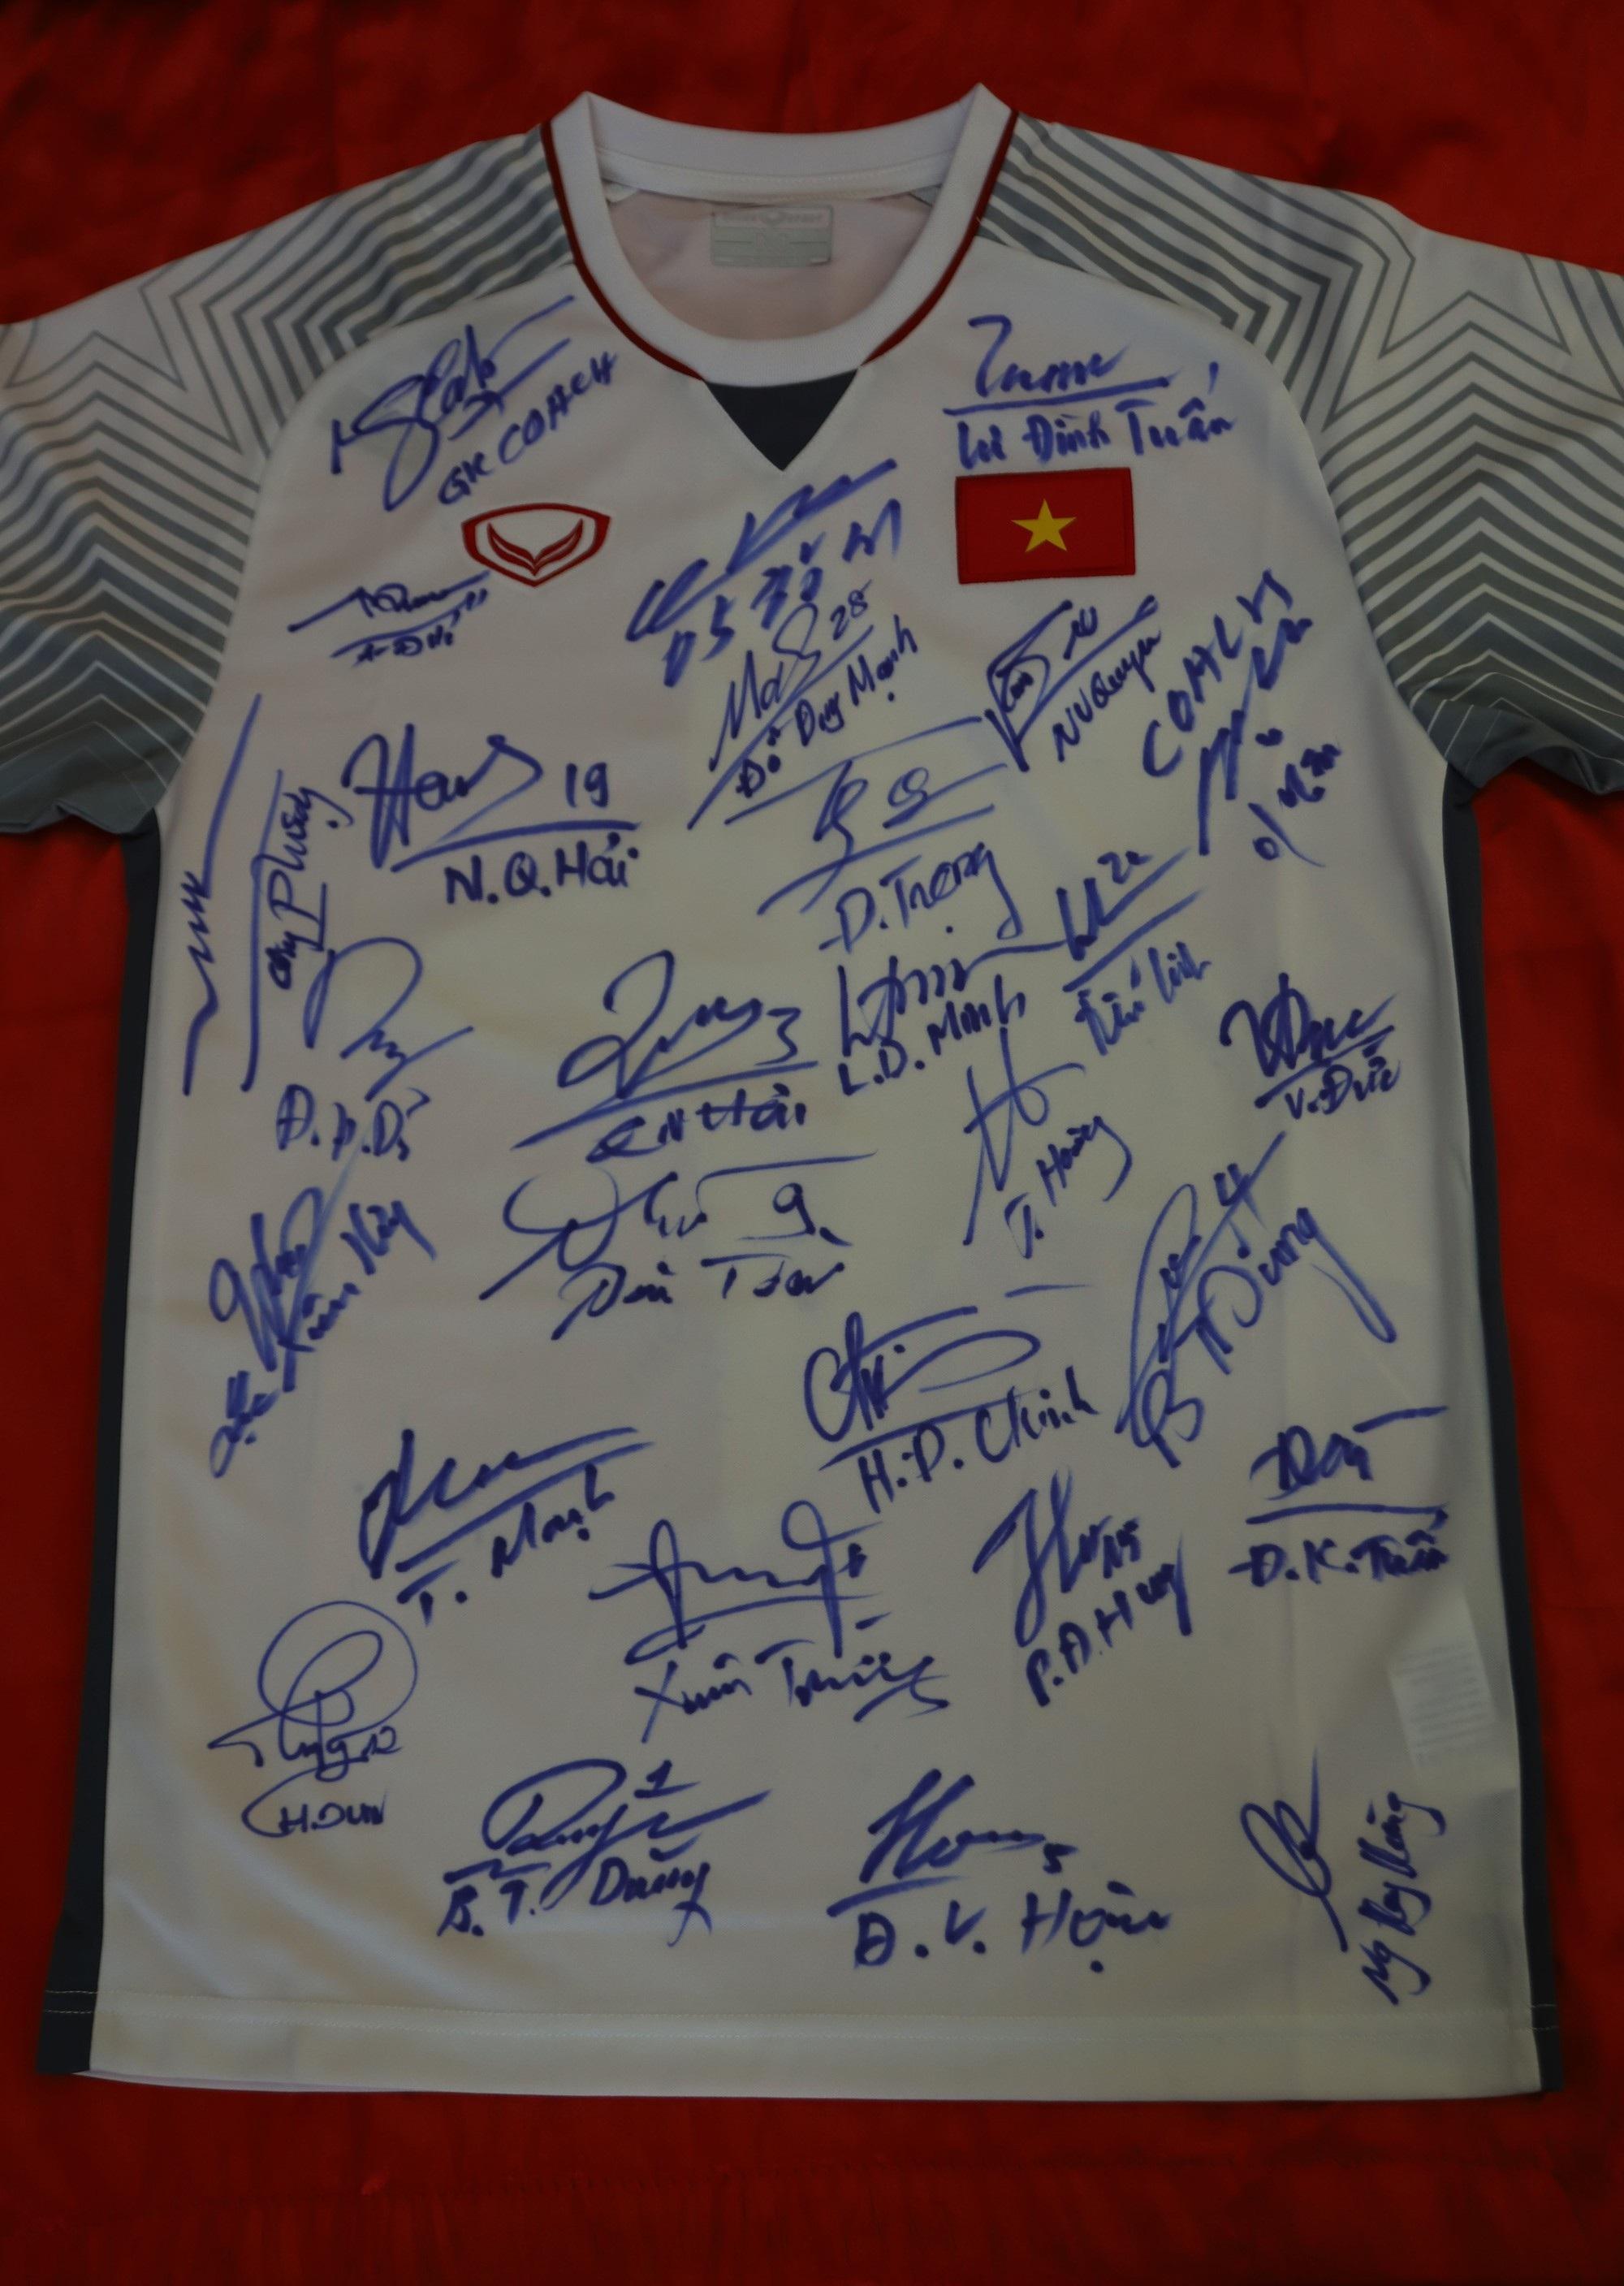 Đấu giá bóng và áo đấu của  đội tuyển Việt Nam tặng Thủ tướng Nguyễn Xuân Phúc - Ảnh 2.